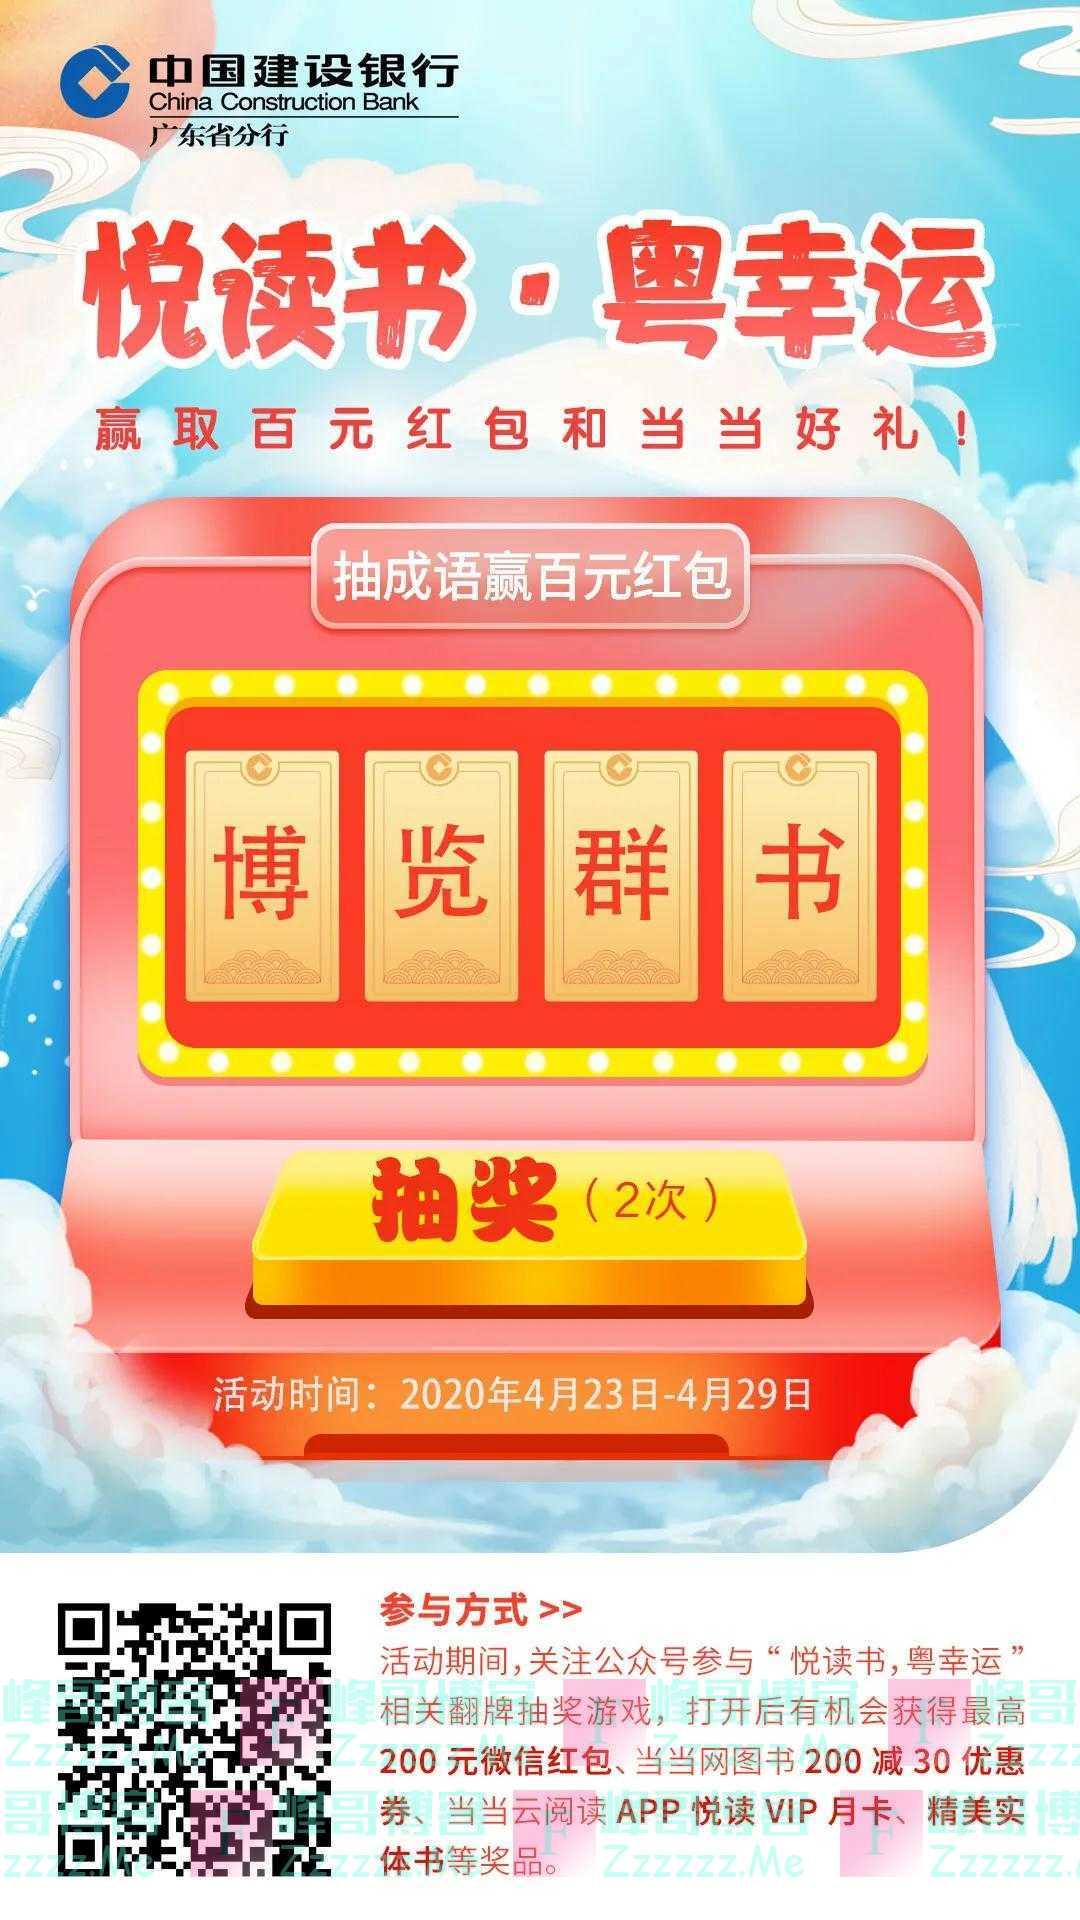 建设银行广东省分行世界读书日四重礼(截止4月29日)